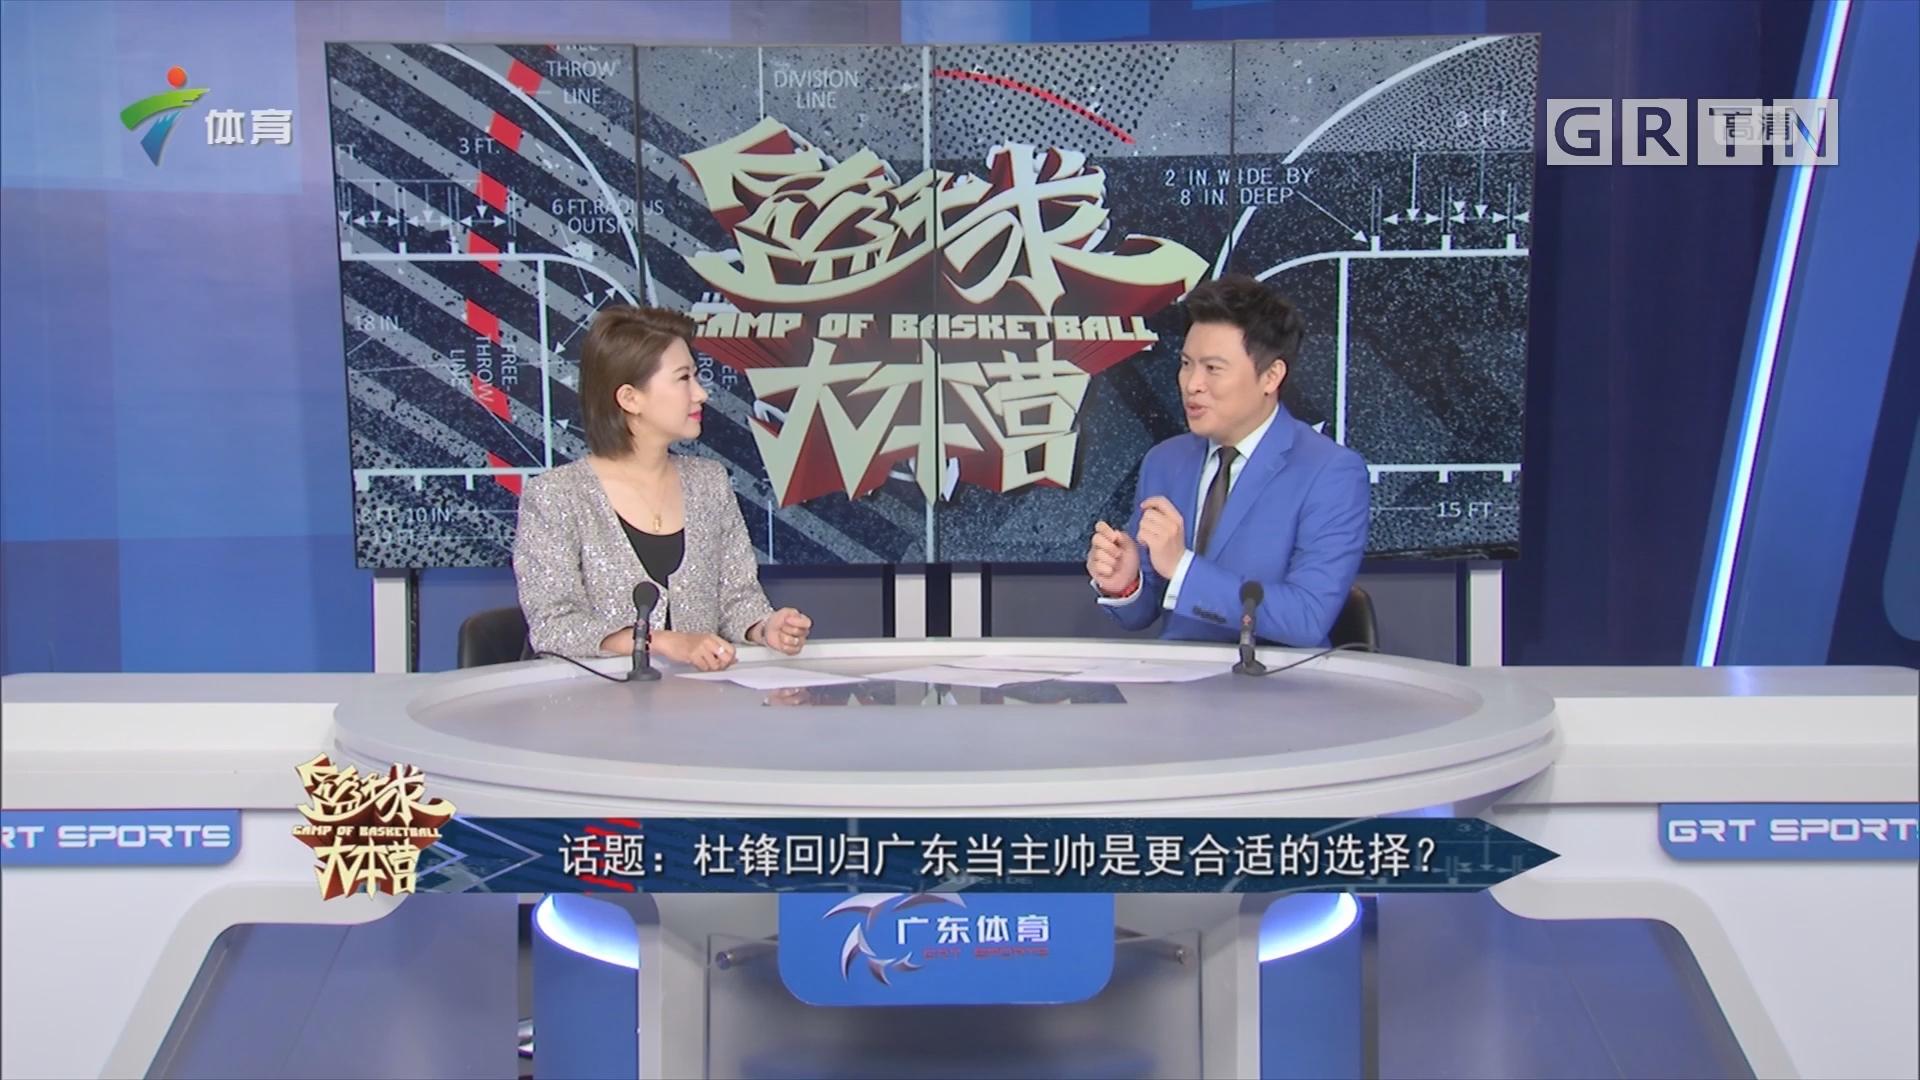 话题:杜锋回归广东当主帅是更合适的选择?